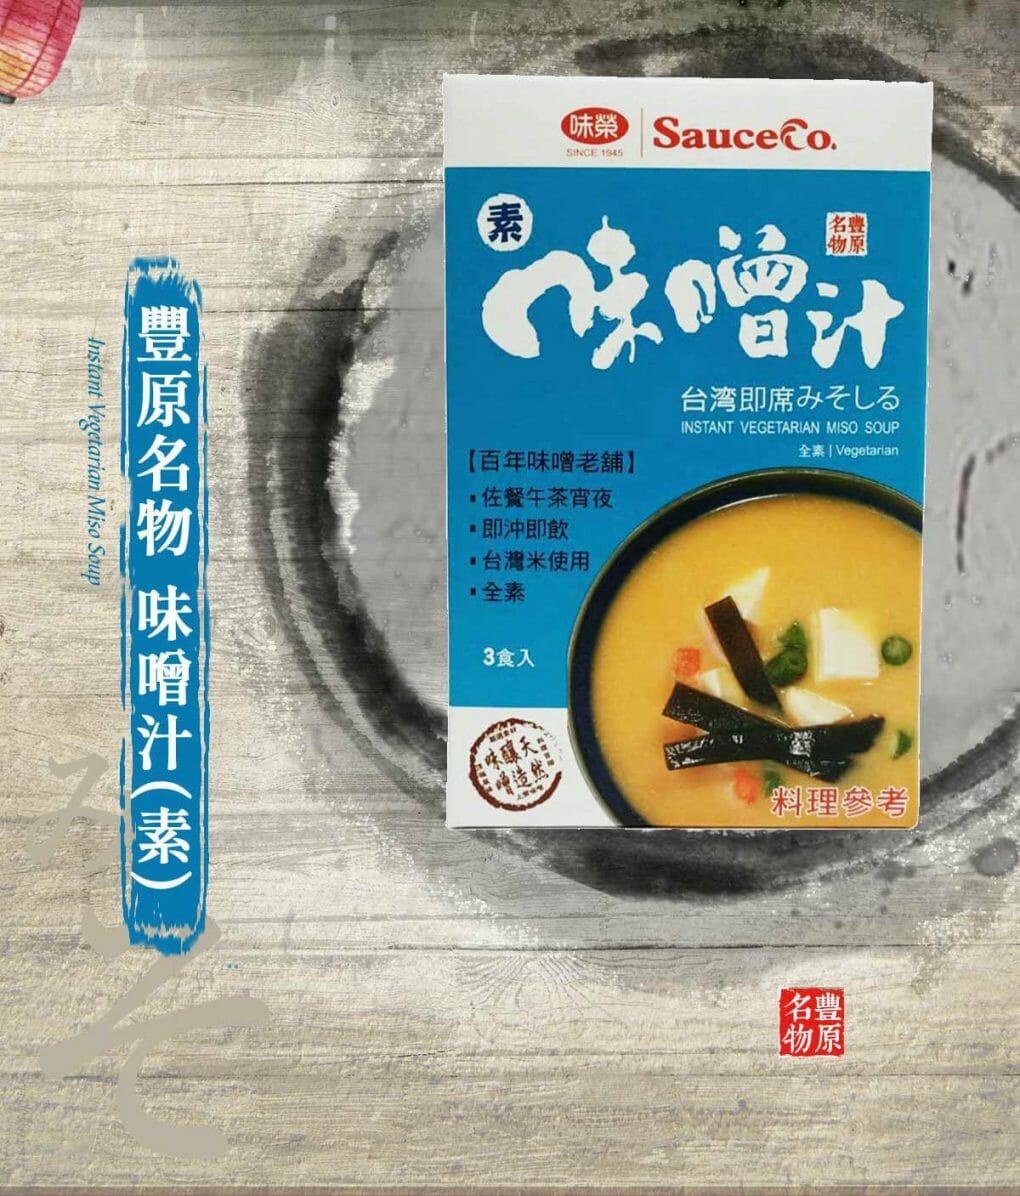 豐原名物-味噌汁(素)3食入 - 8